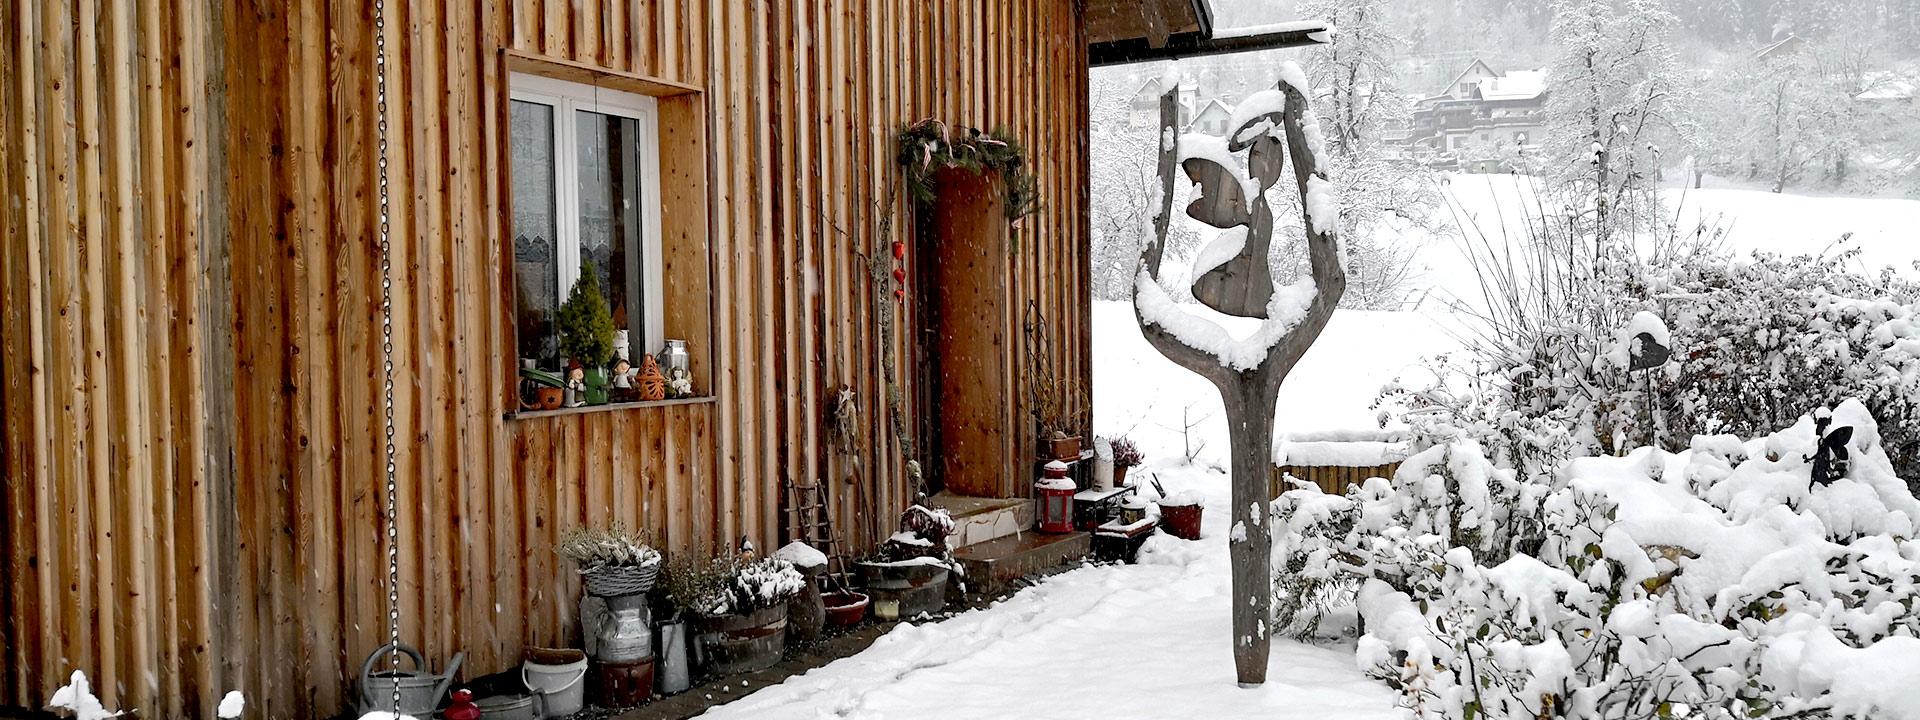 slide-winter3